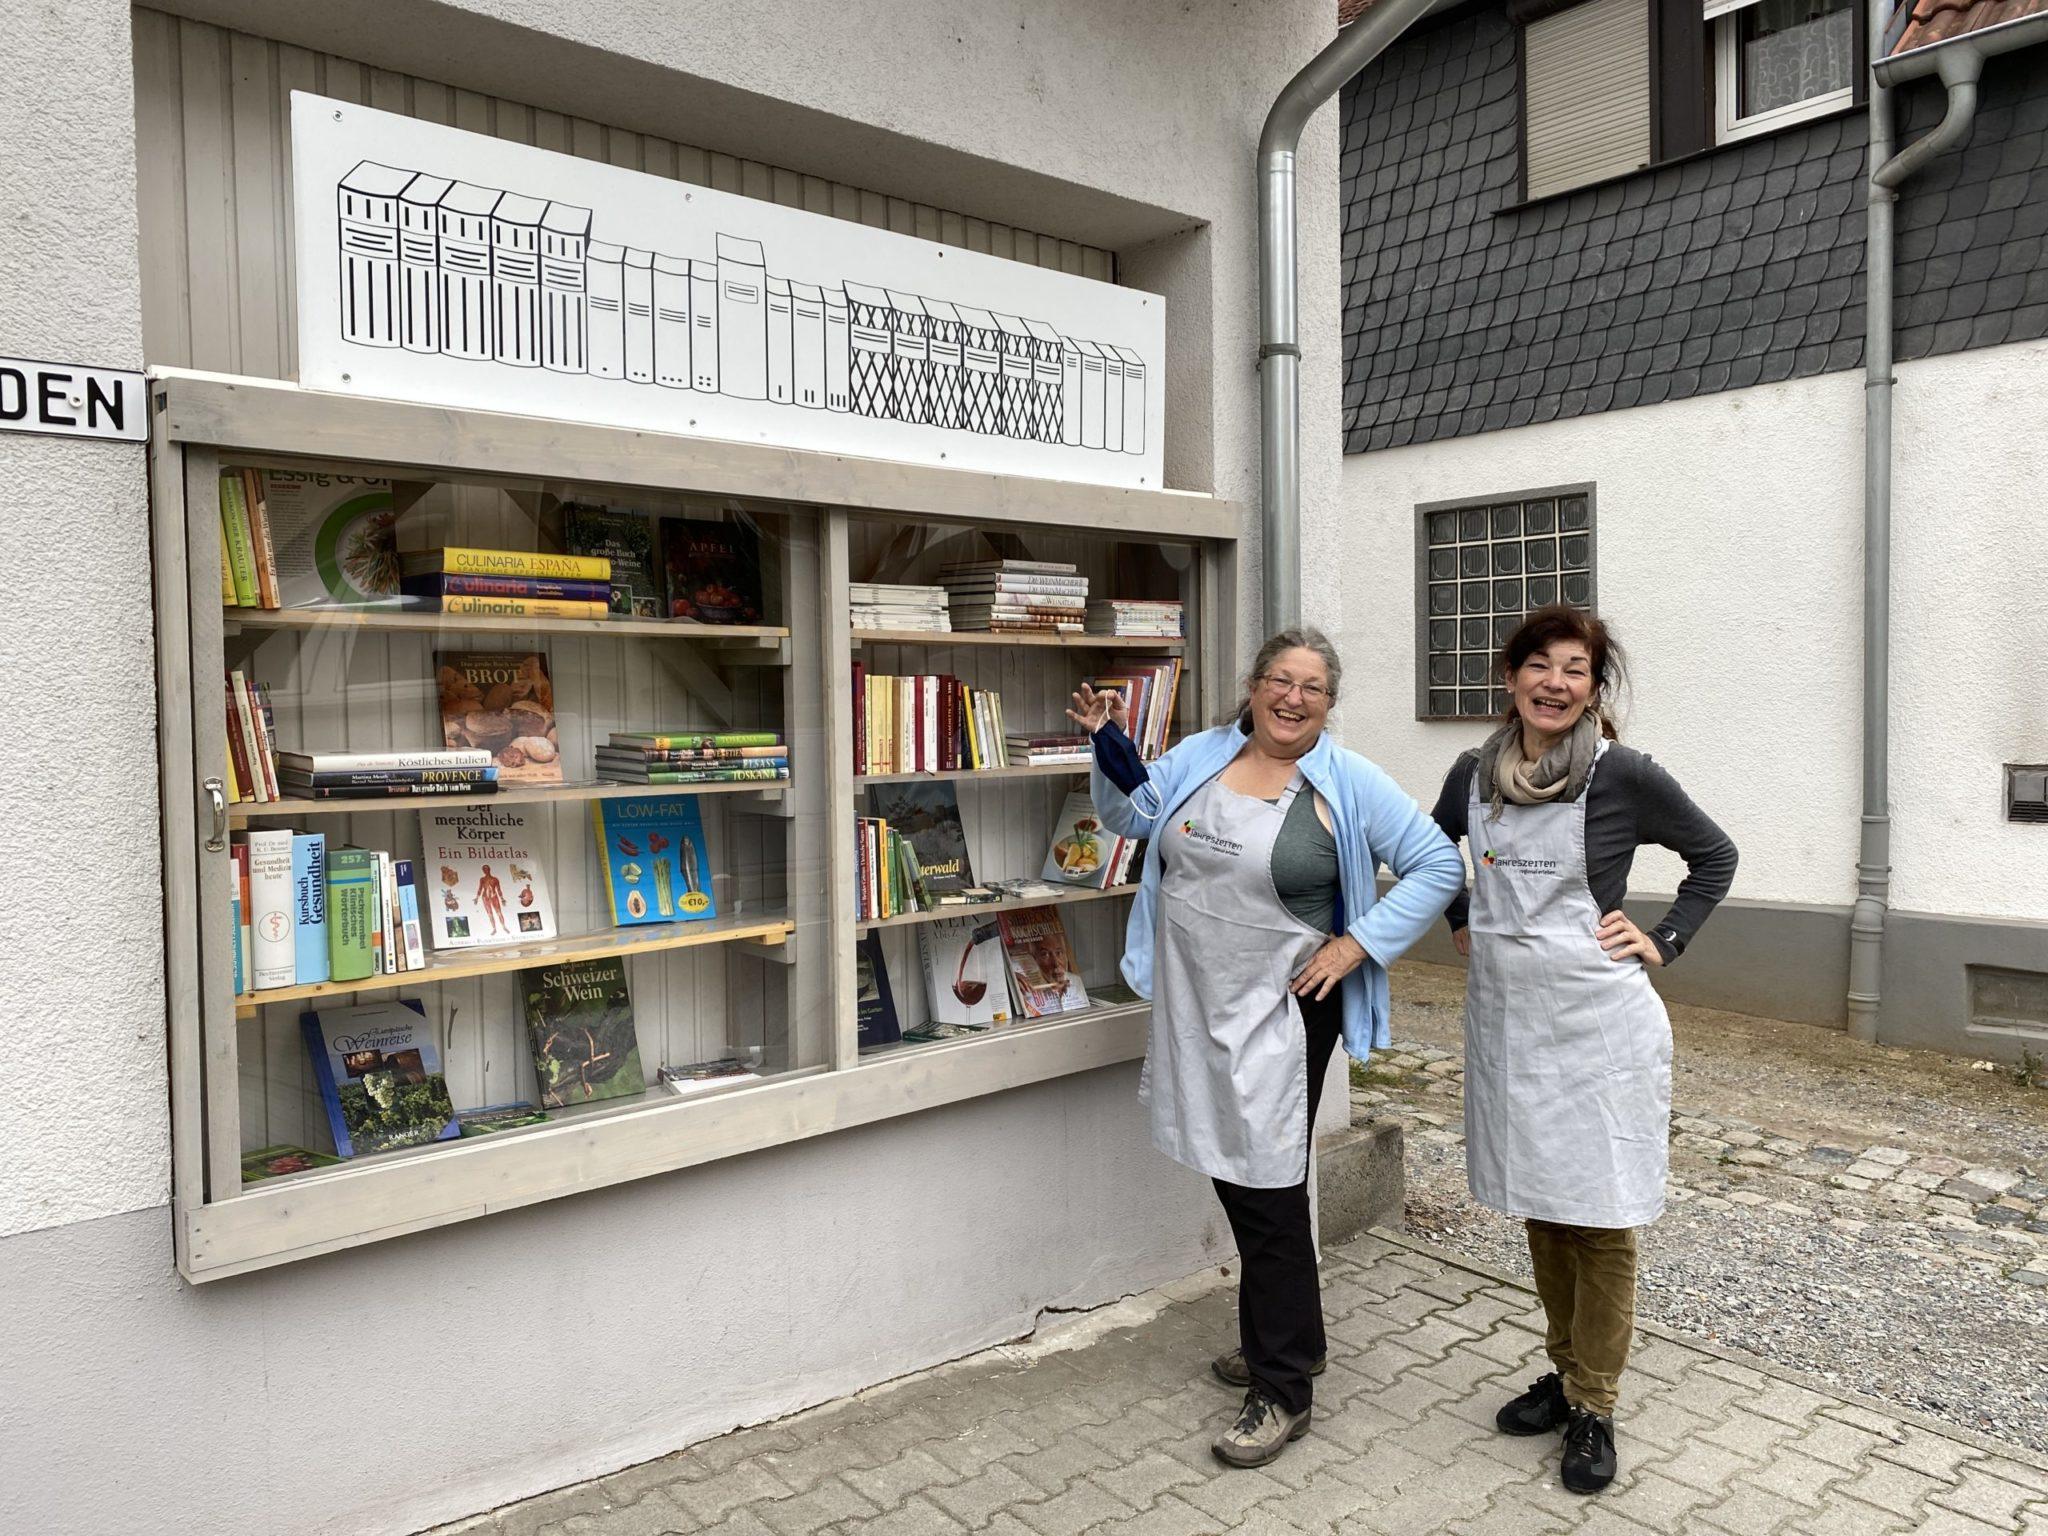 Offenes Bücherregal beim Jahreszeiten